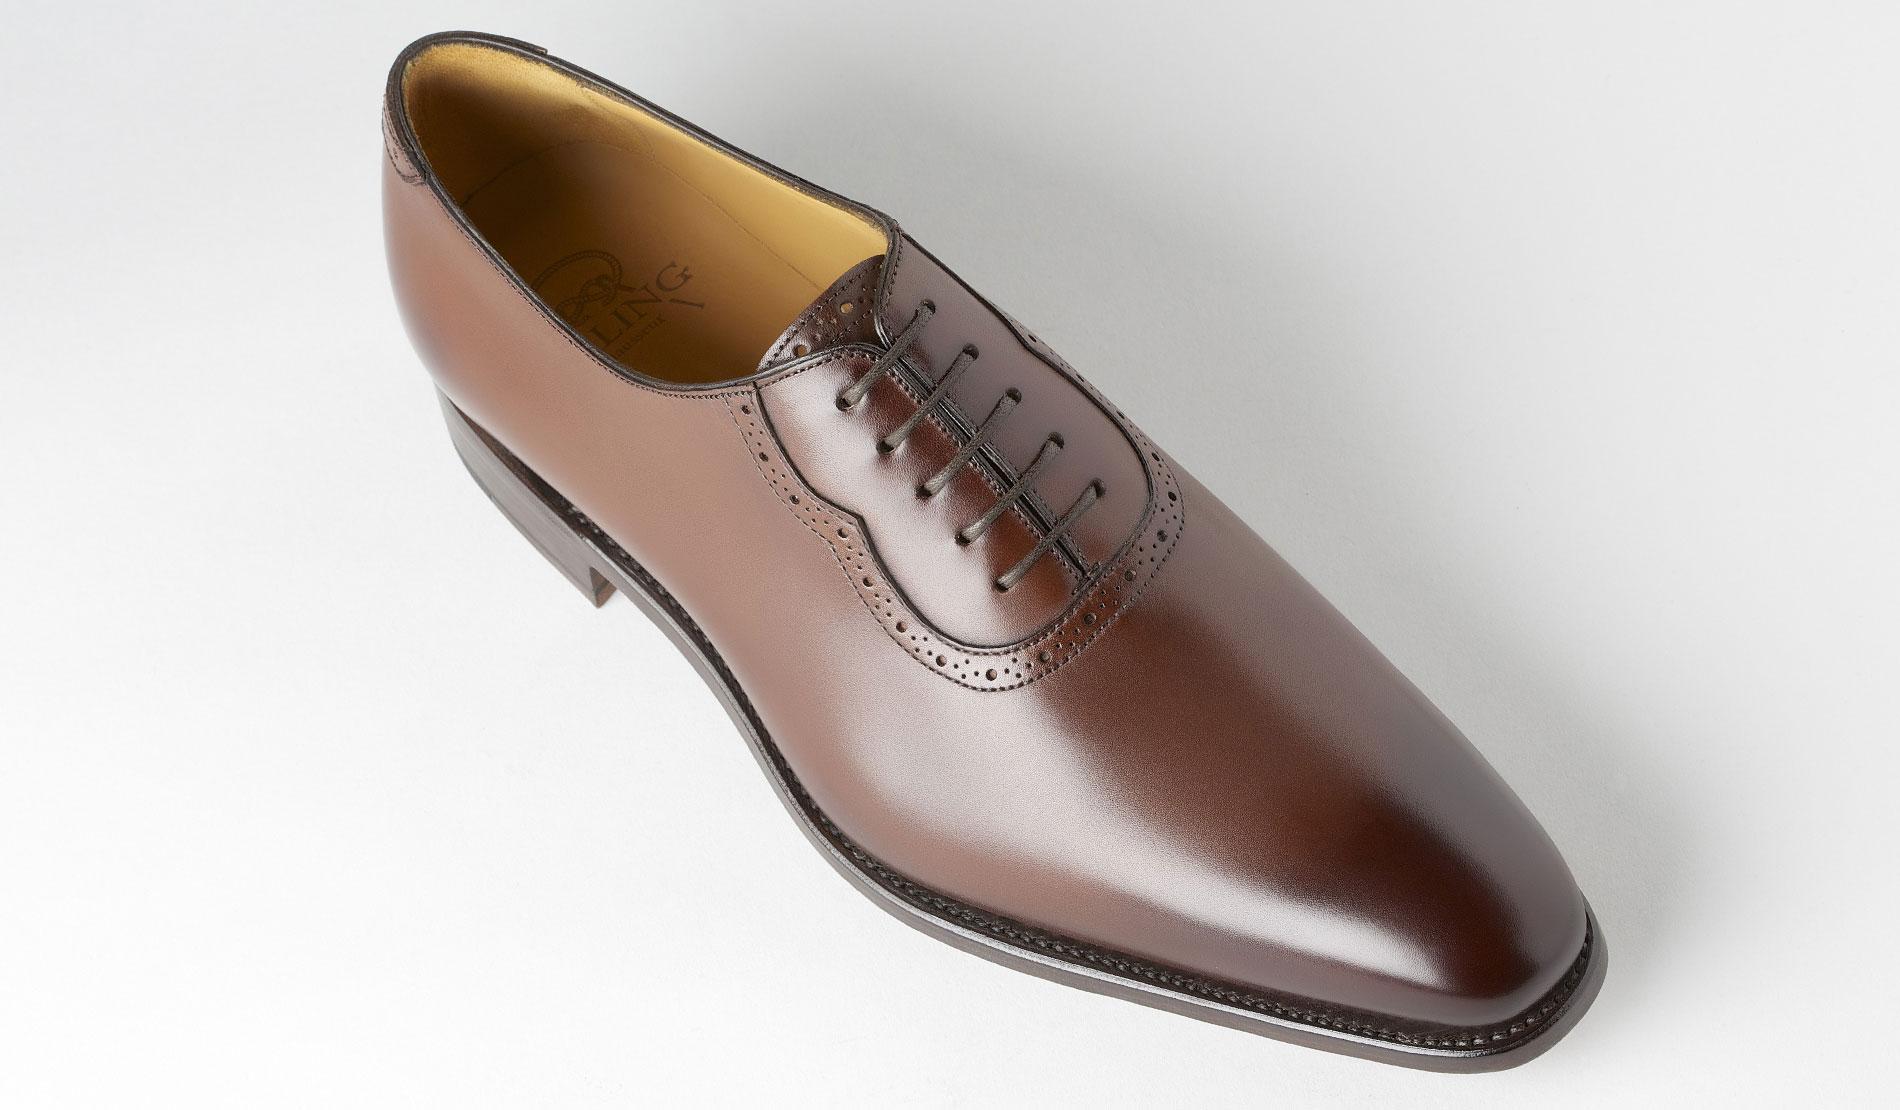 Chaussure richelieu